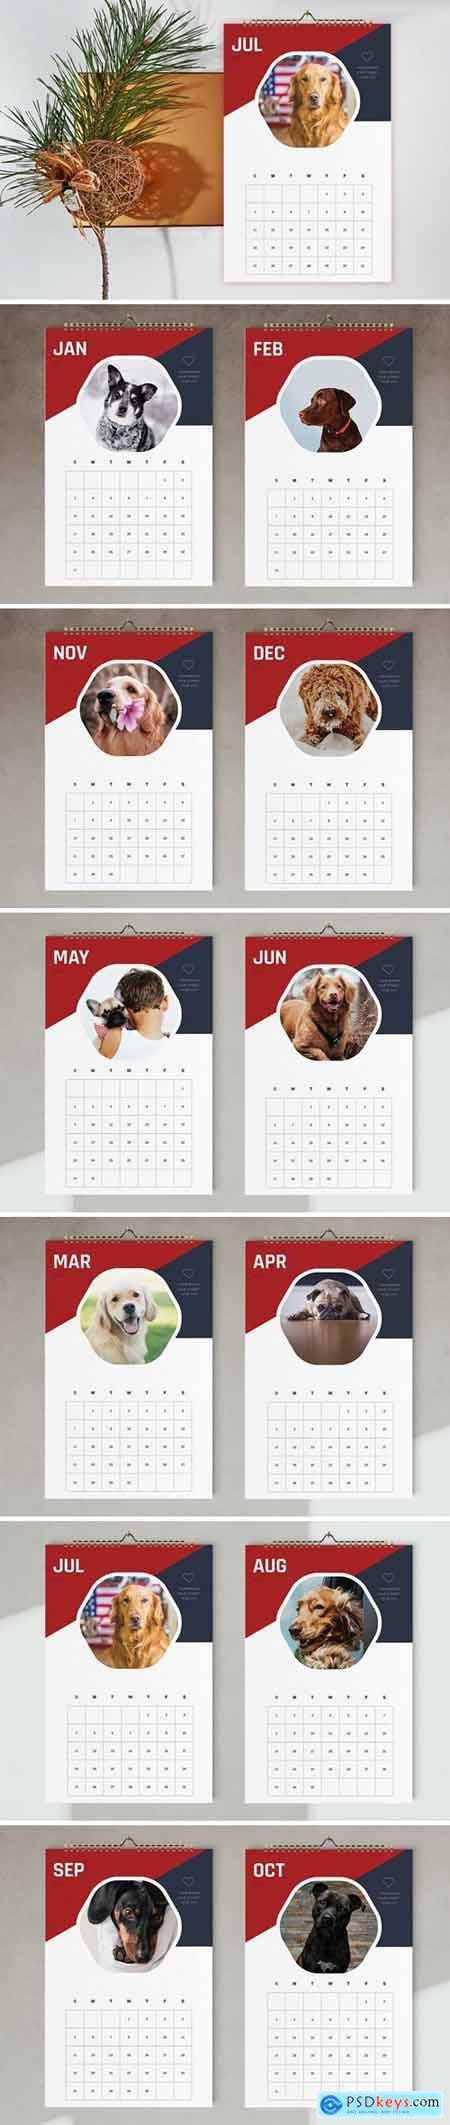 Wall Calendar 2021 Template 5667404